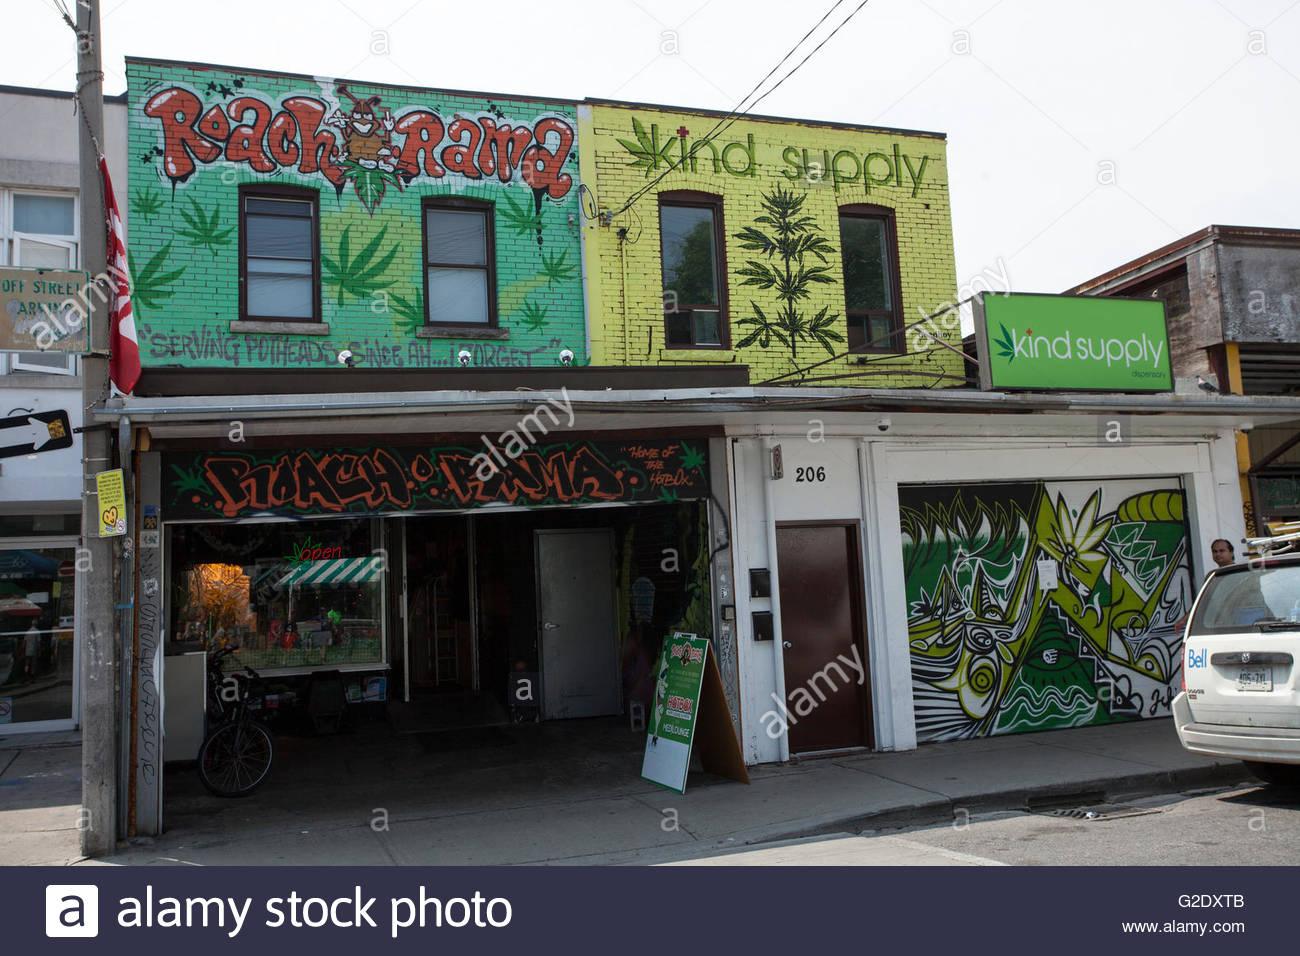 Medical Marijuana Dispensaries Stock Photos & Medical Marijuana